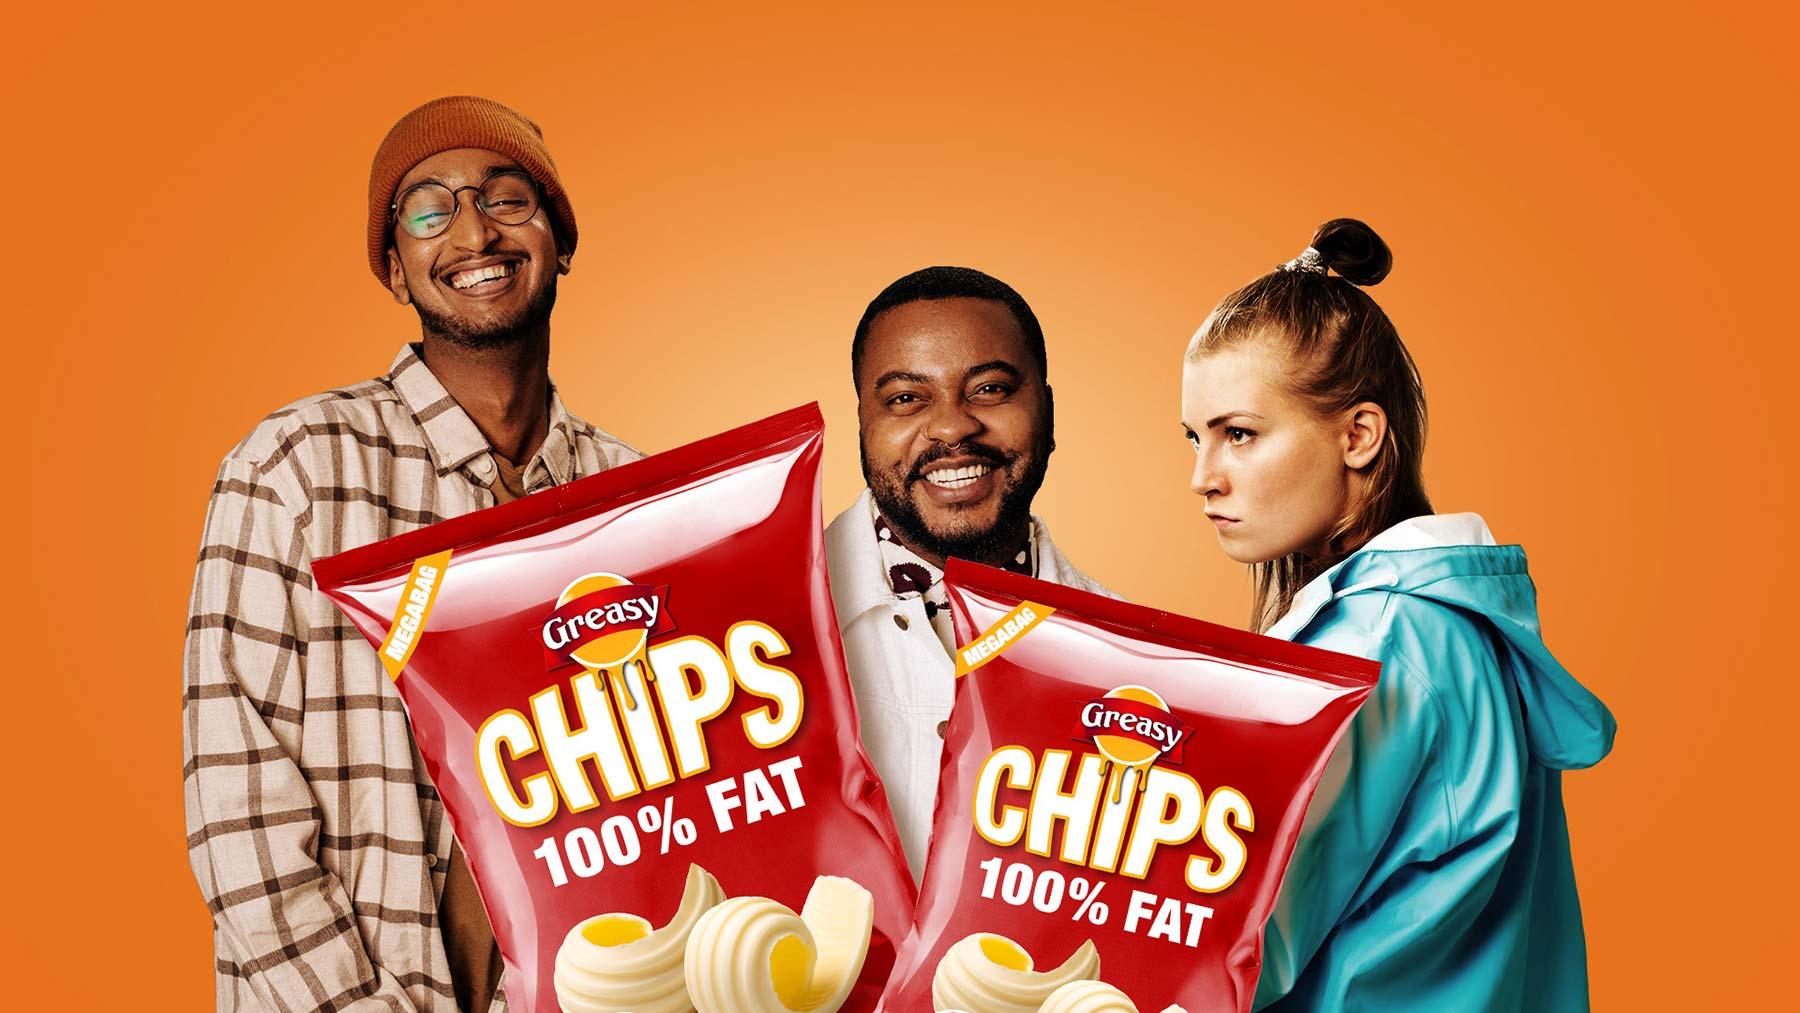 100% fat crisps for Linkosuo's campaign.